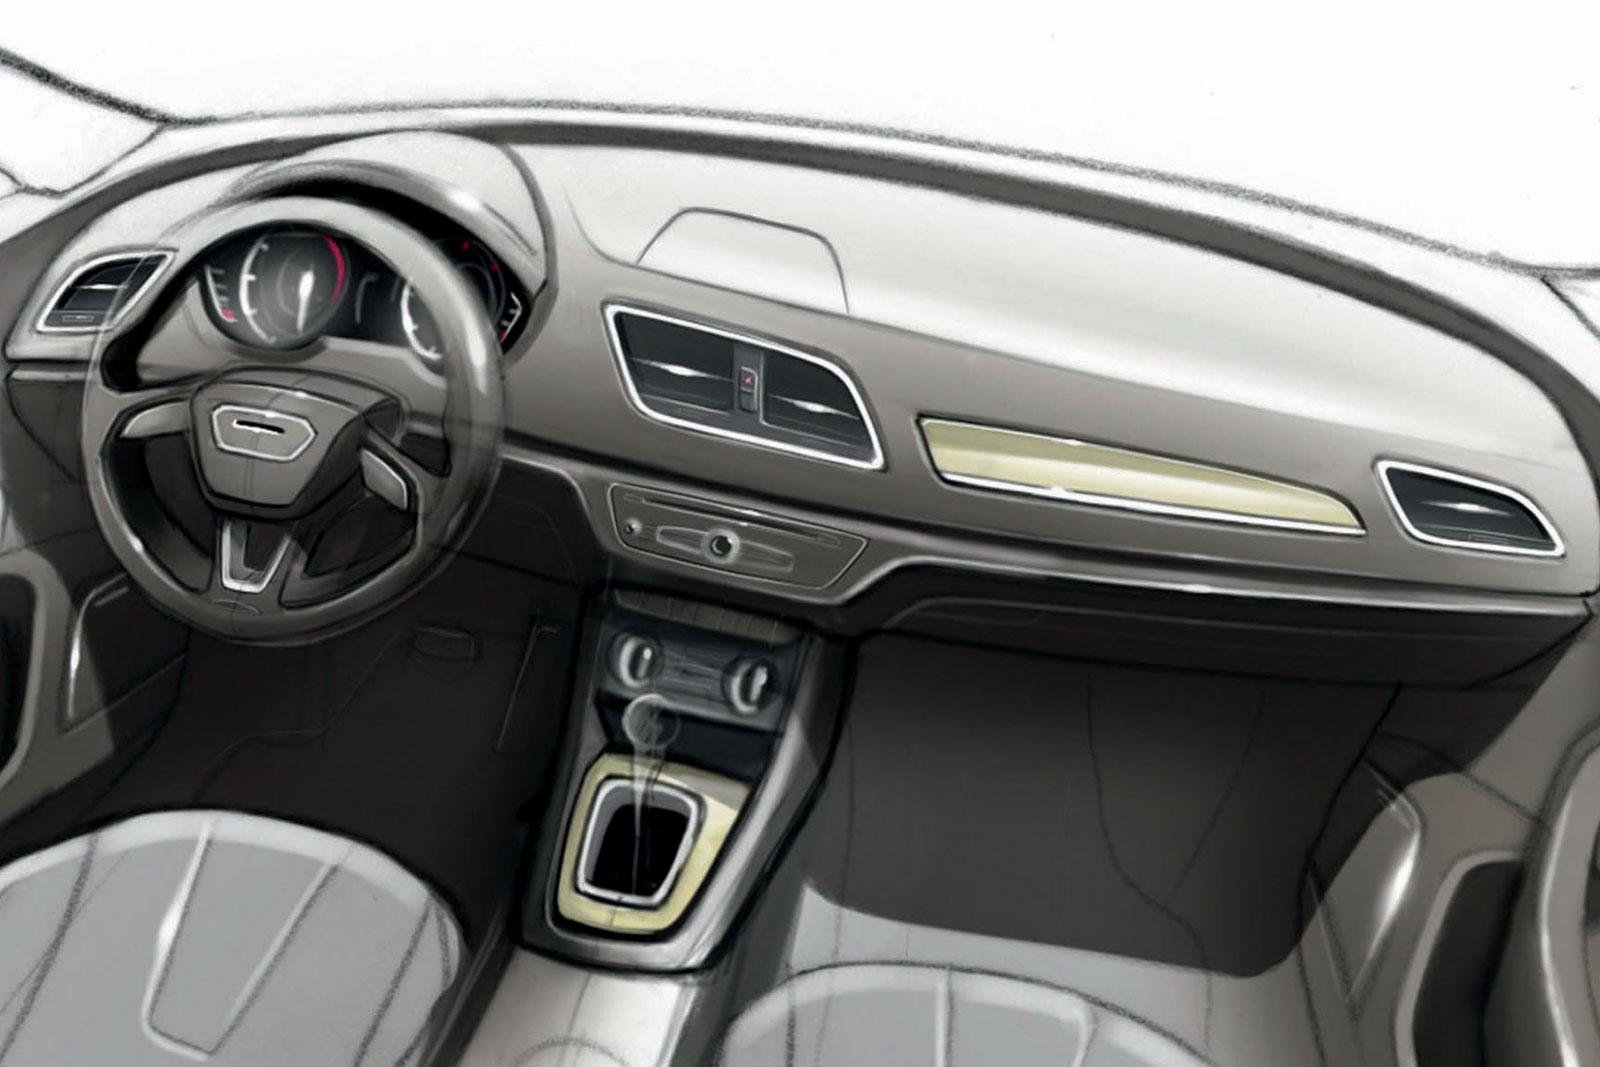 http://4.bp.blogspot.com/-X6yRNitZeOU/TZ9deeaSUQI/AAAAAAAAEco/MyXSs9DMyiM/s1600/Audi-Q3-Teaser-Sketch-9.jpg